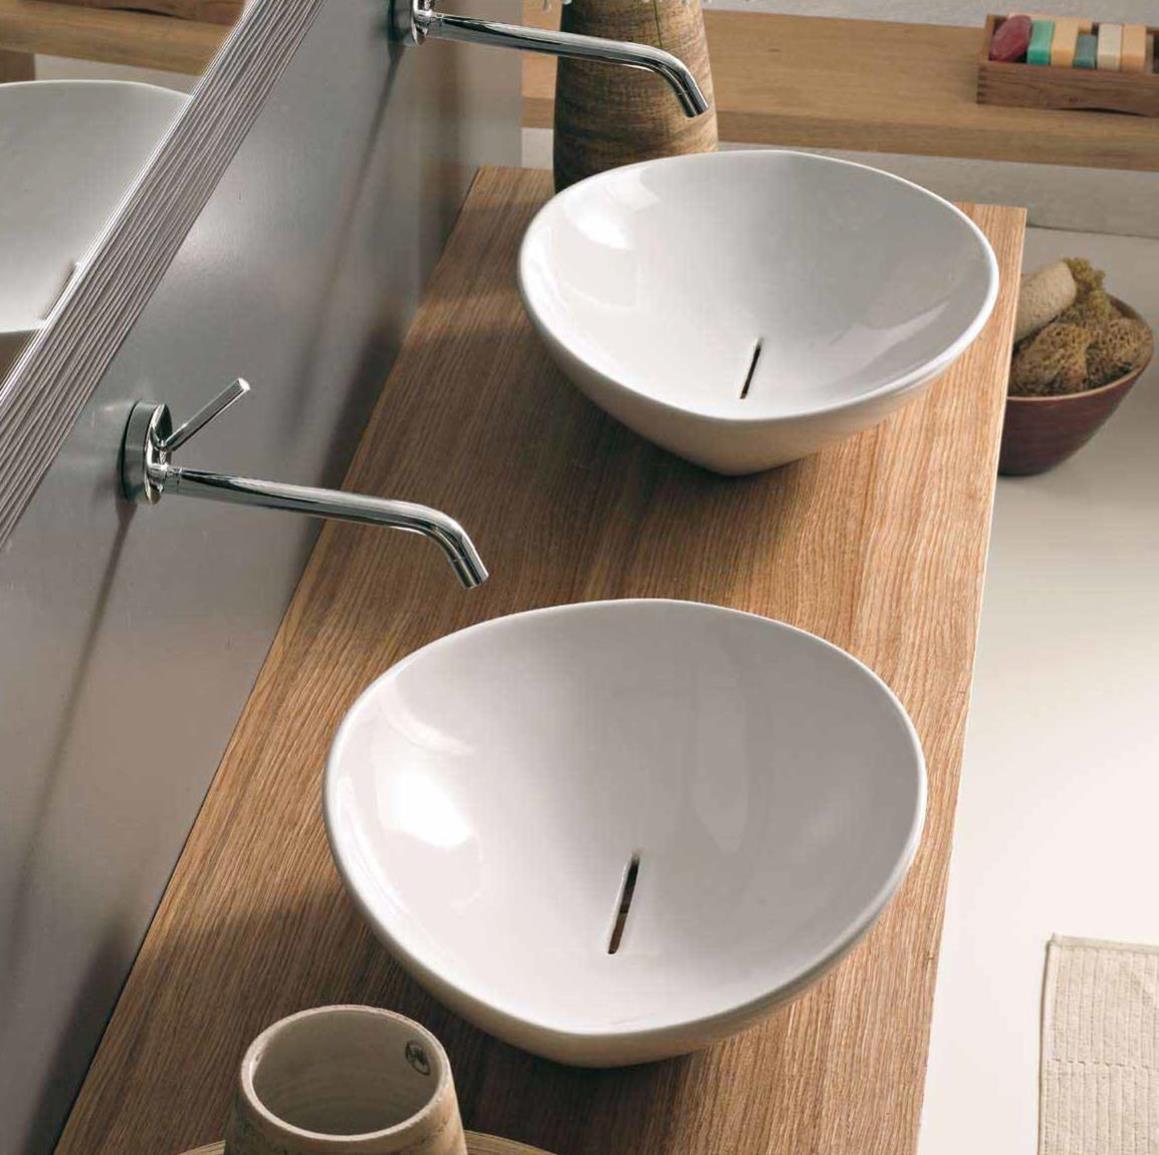 2017 kitchen trends - Basins Bacera Bacera Malaysia